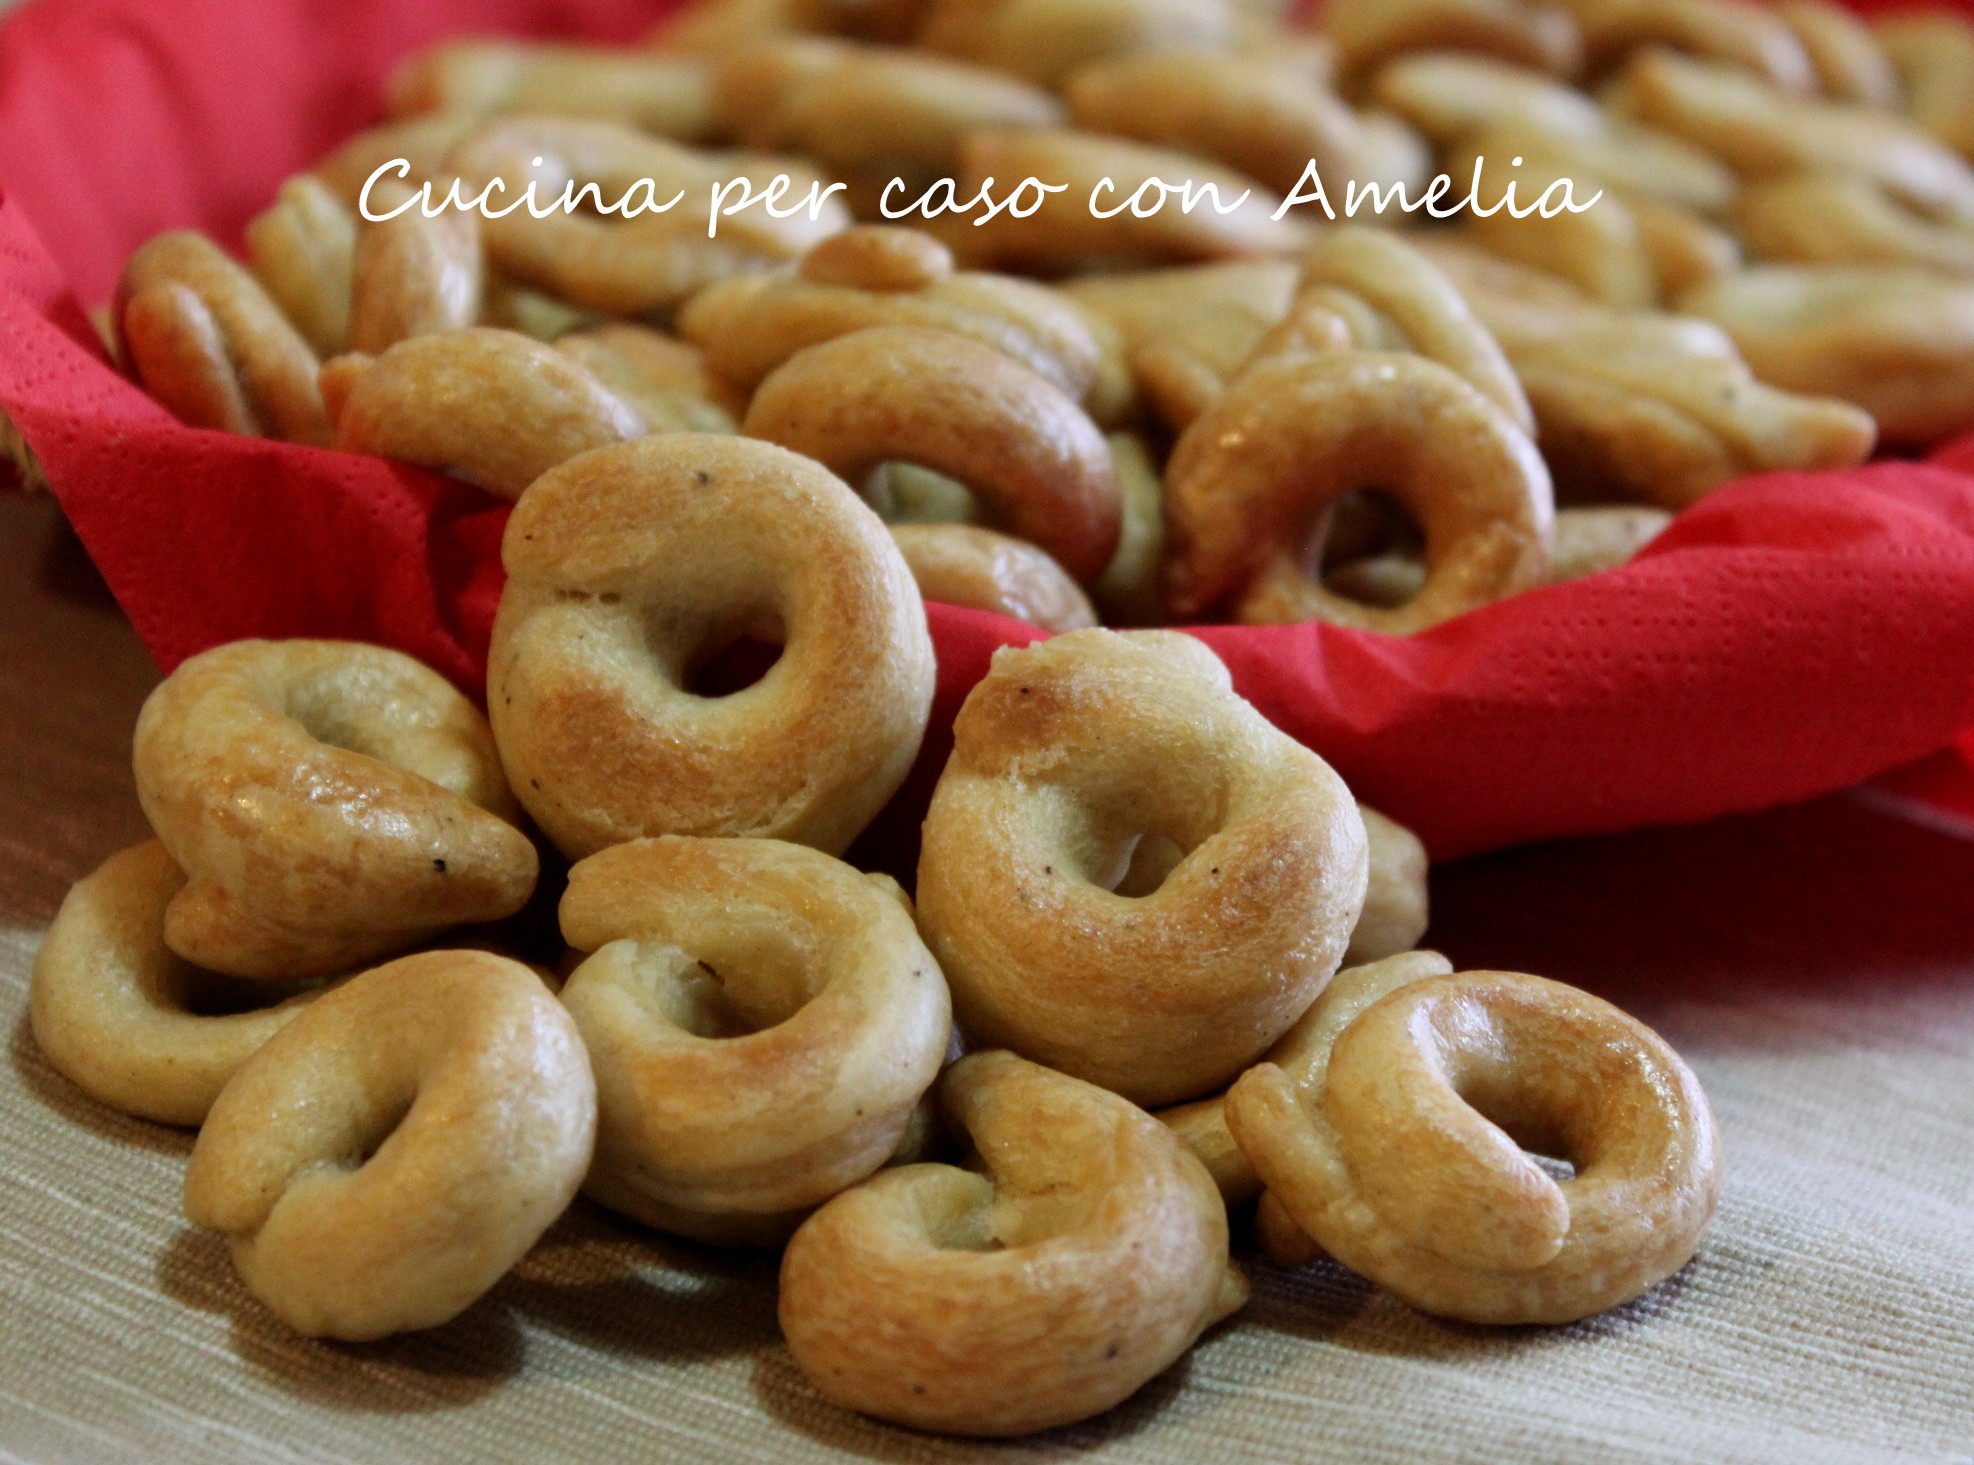 Ricetta Per Taralli Salati.Taralli Ricetta Base Cucina Per Caso Con Amelia